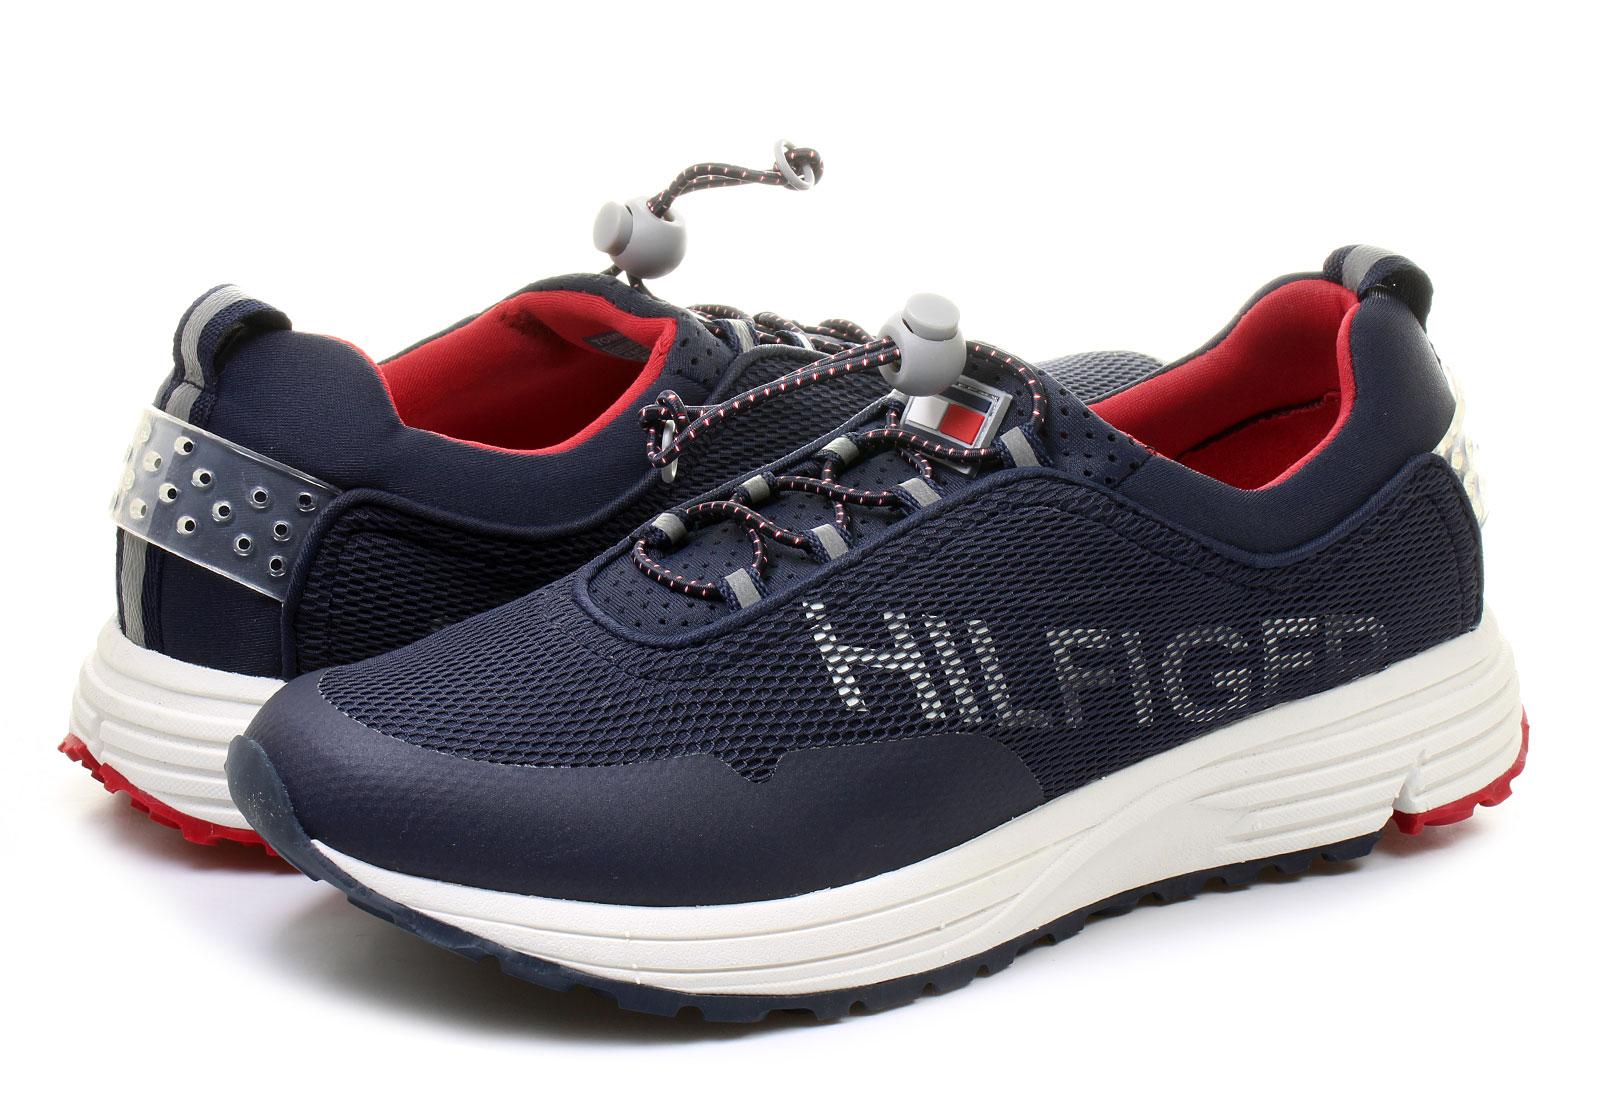 tommy hilfiger shoes hurdle 1d sport 16s 1084 403. Black Bedroom Furniture Sets. Home Design Ideas